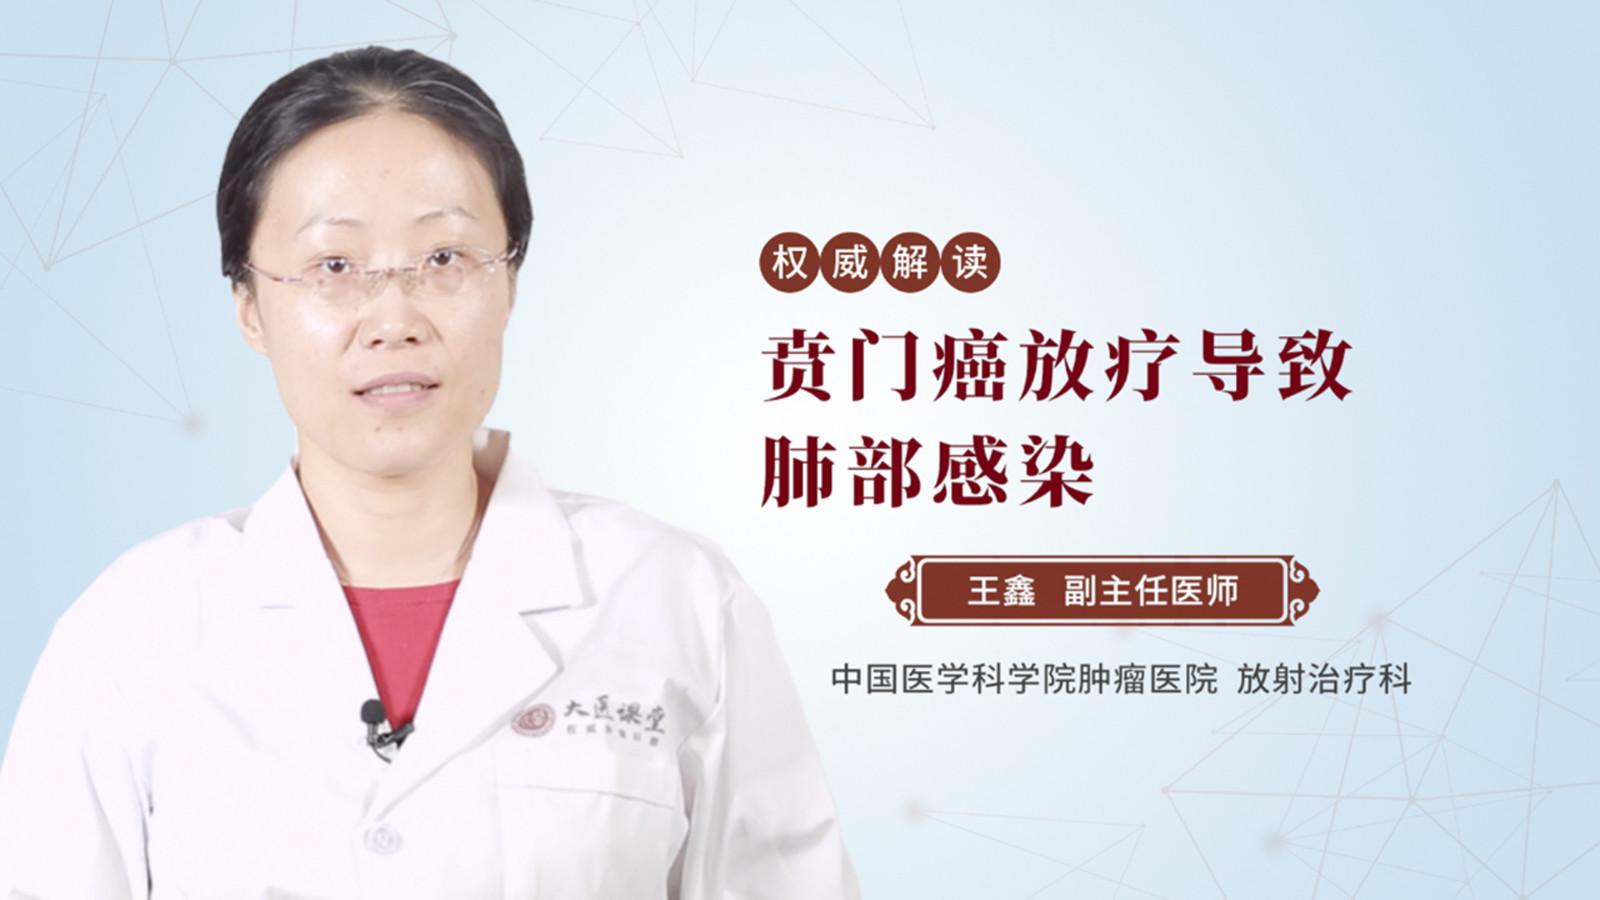 贲门癌放疗导致肺部感染